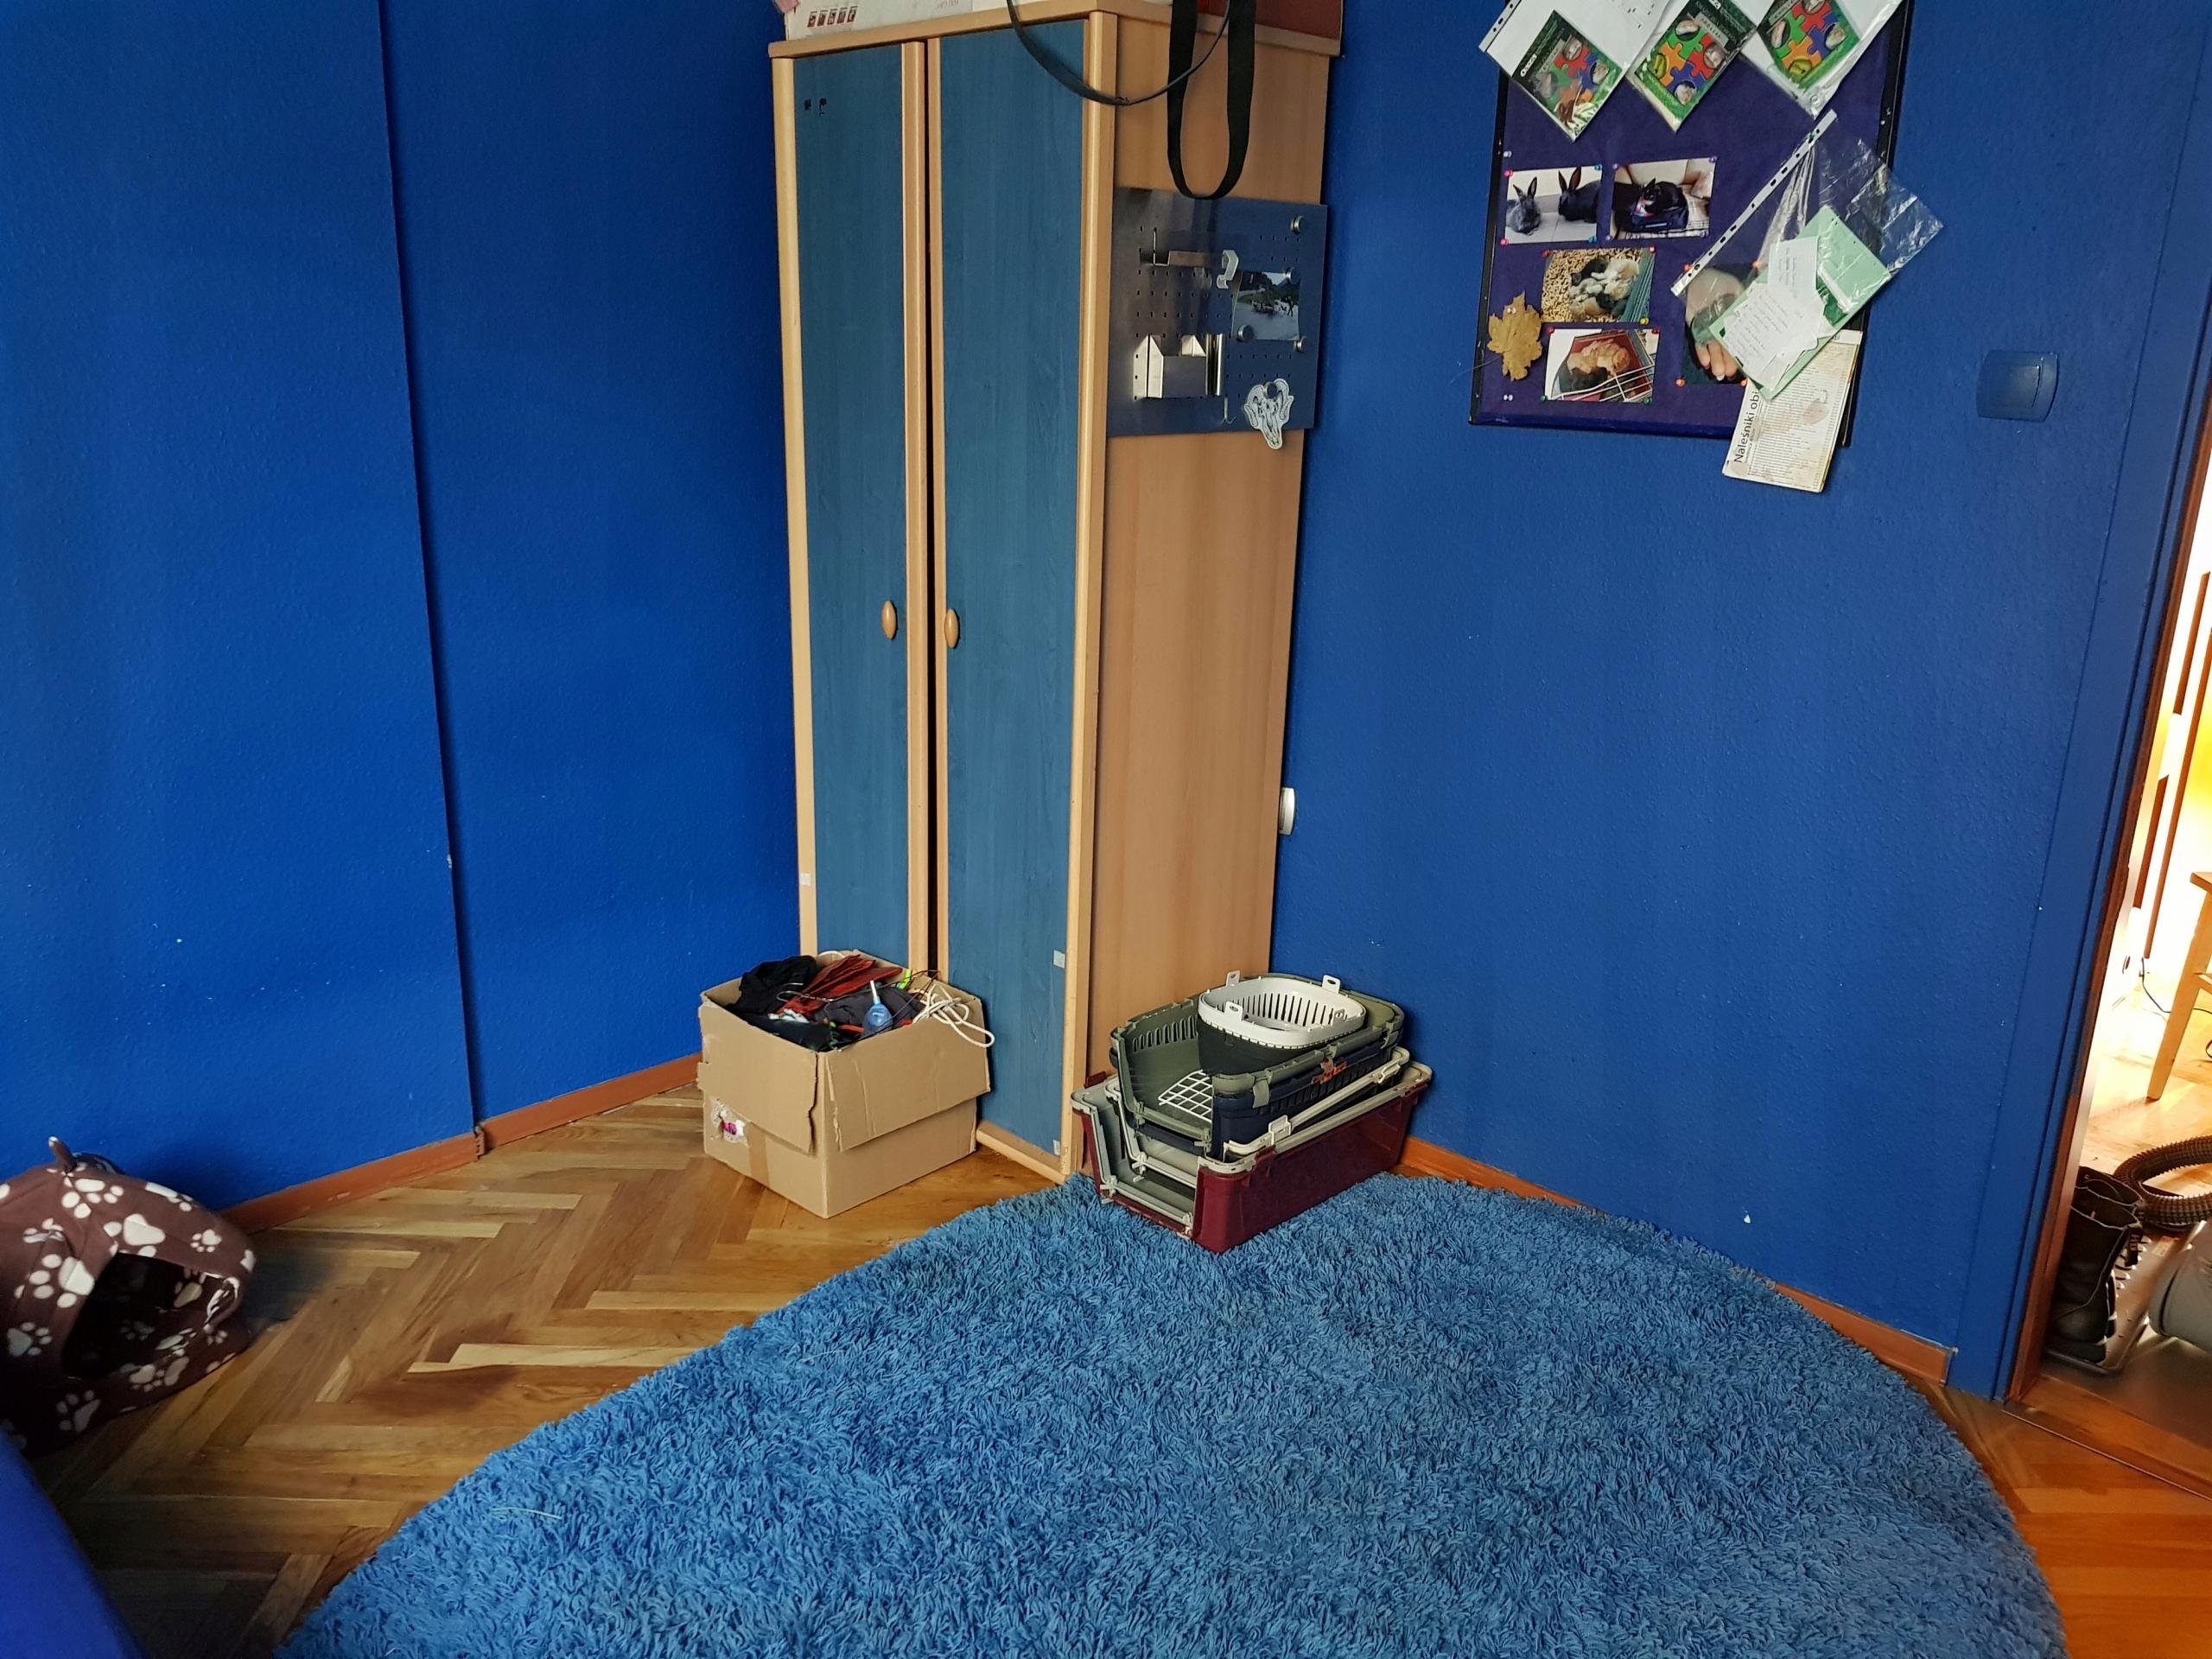 Wszystkie nowe Sprzedam mieszkanie Warszawa Bielany Bezposrednio - 7538397795 DL71